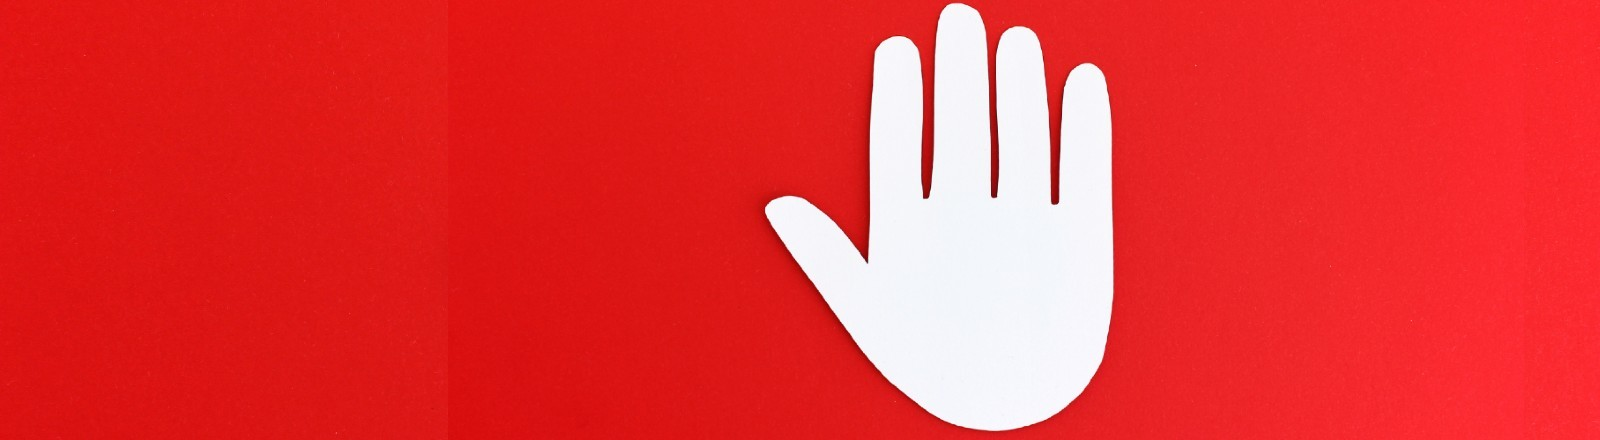 Eine weiße Hand auf rotem Hintergrund